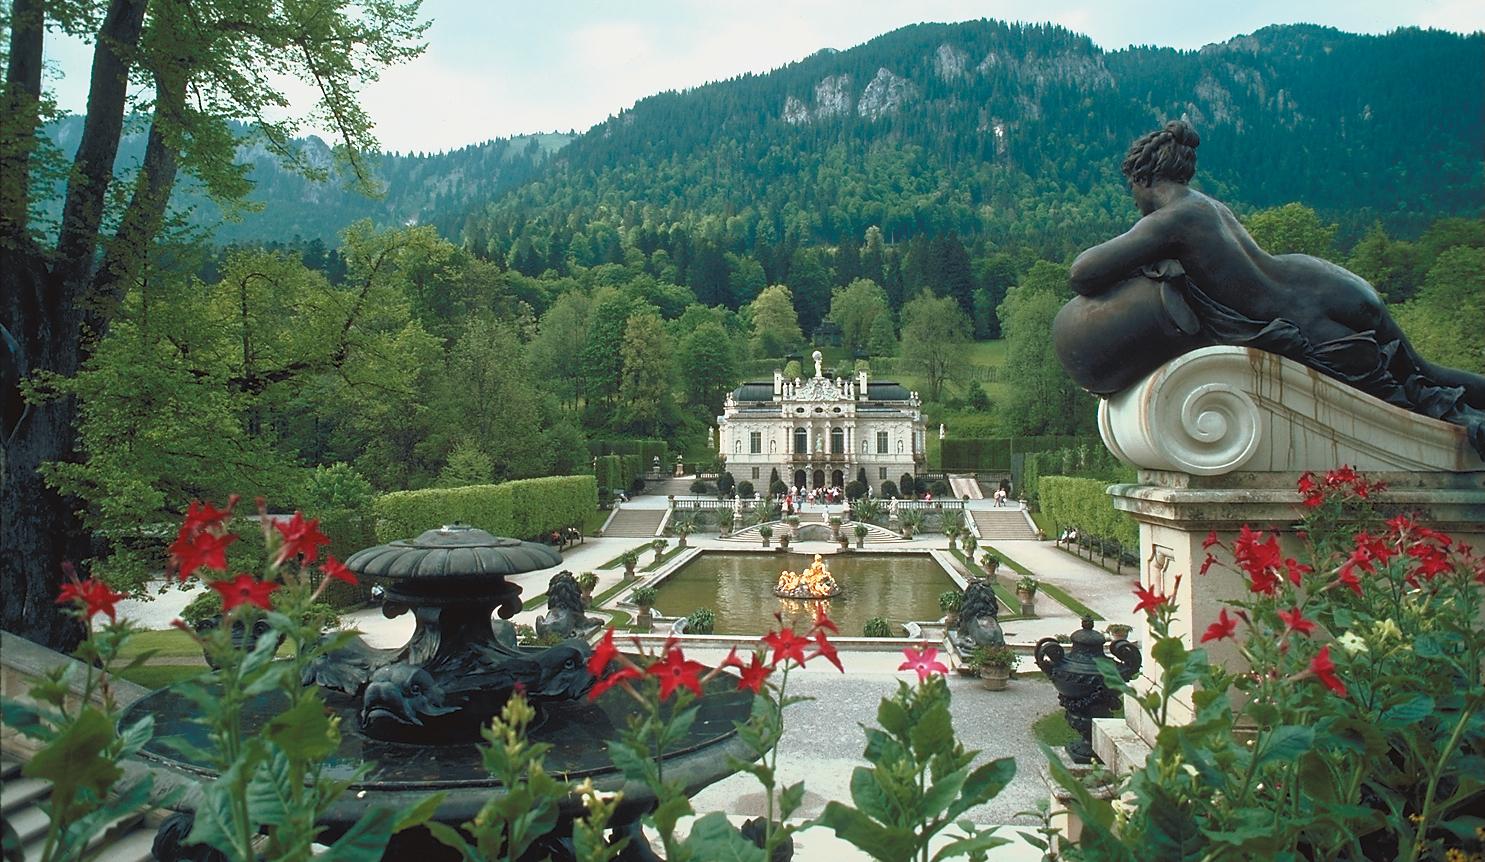 Gartengestaltung Online Schön Independent Romantic Road Coach tour Rothenburg & Royal